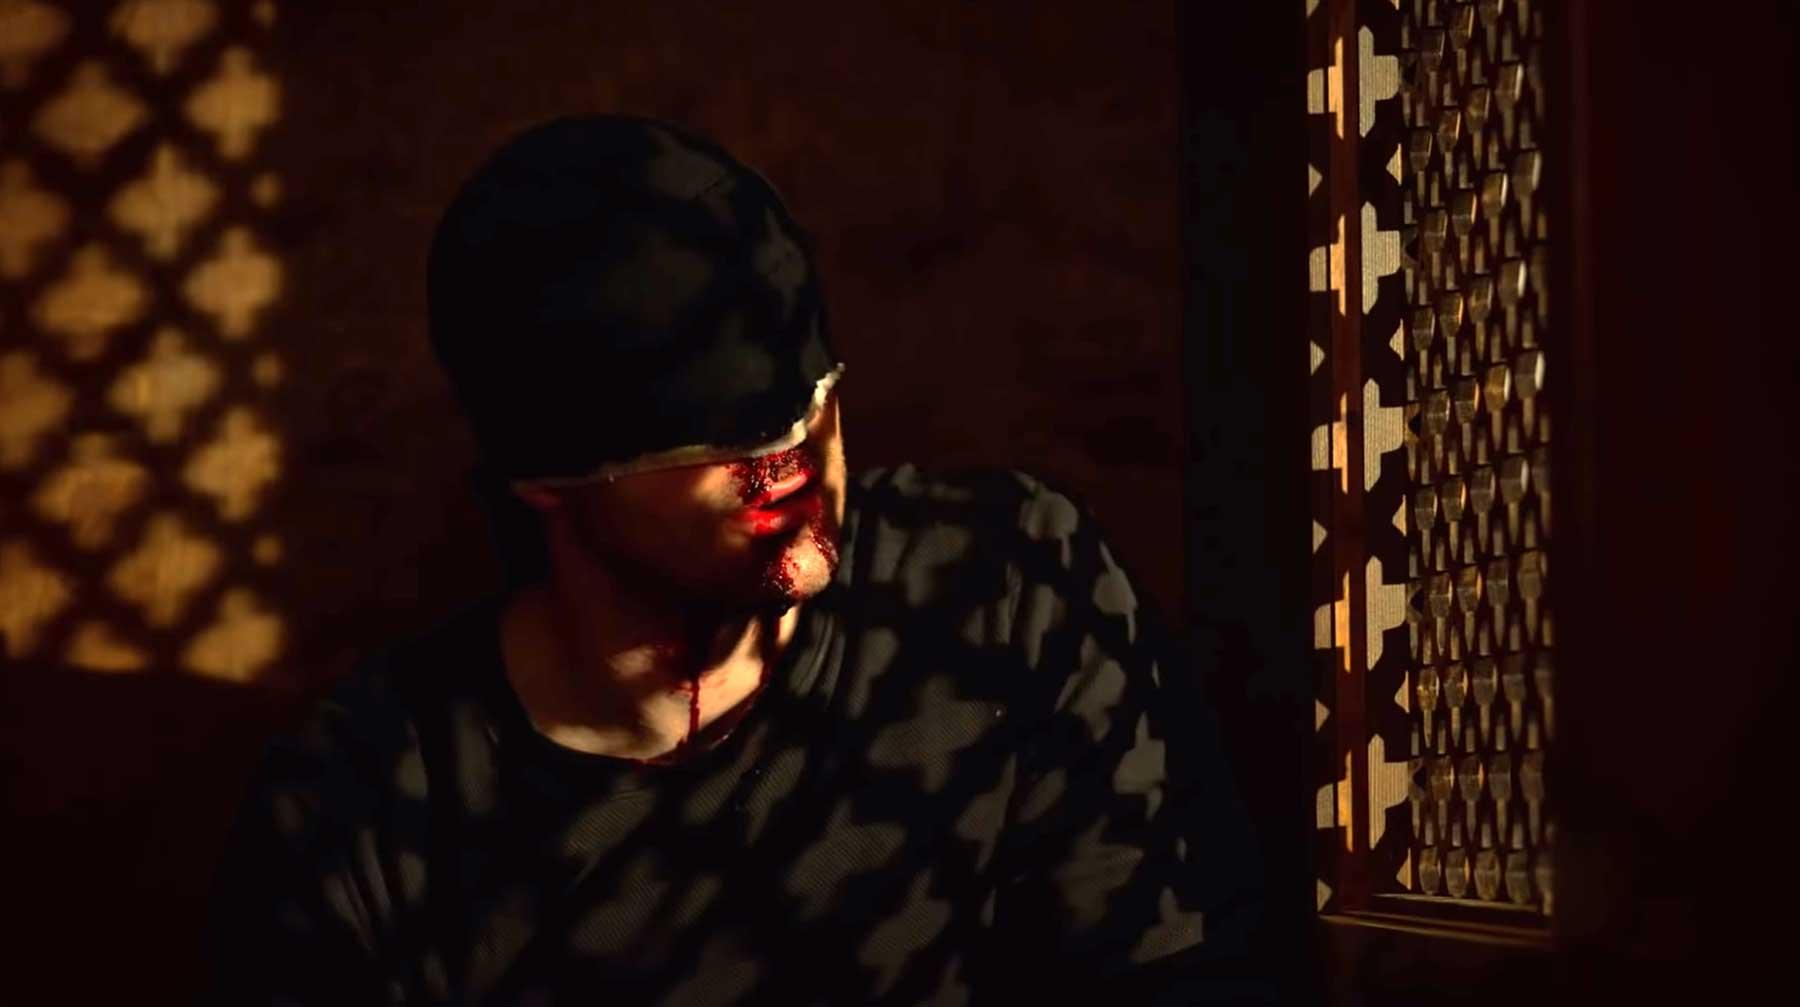 daredevil-stattel-3-Teaser Daredevil: Erster Teaser zur 3. Staffel